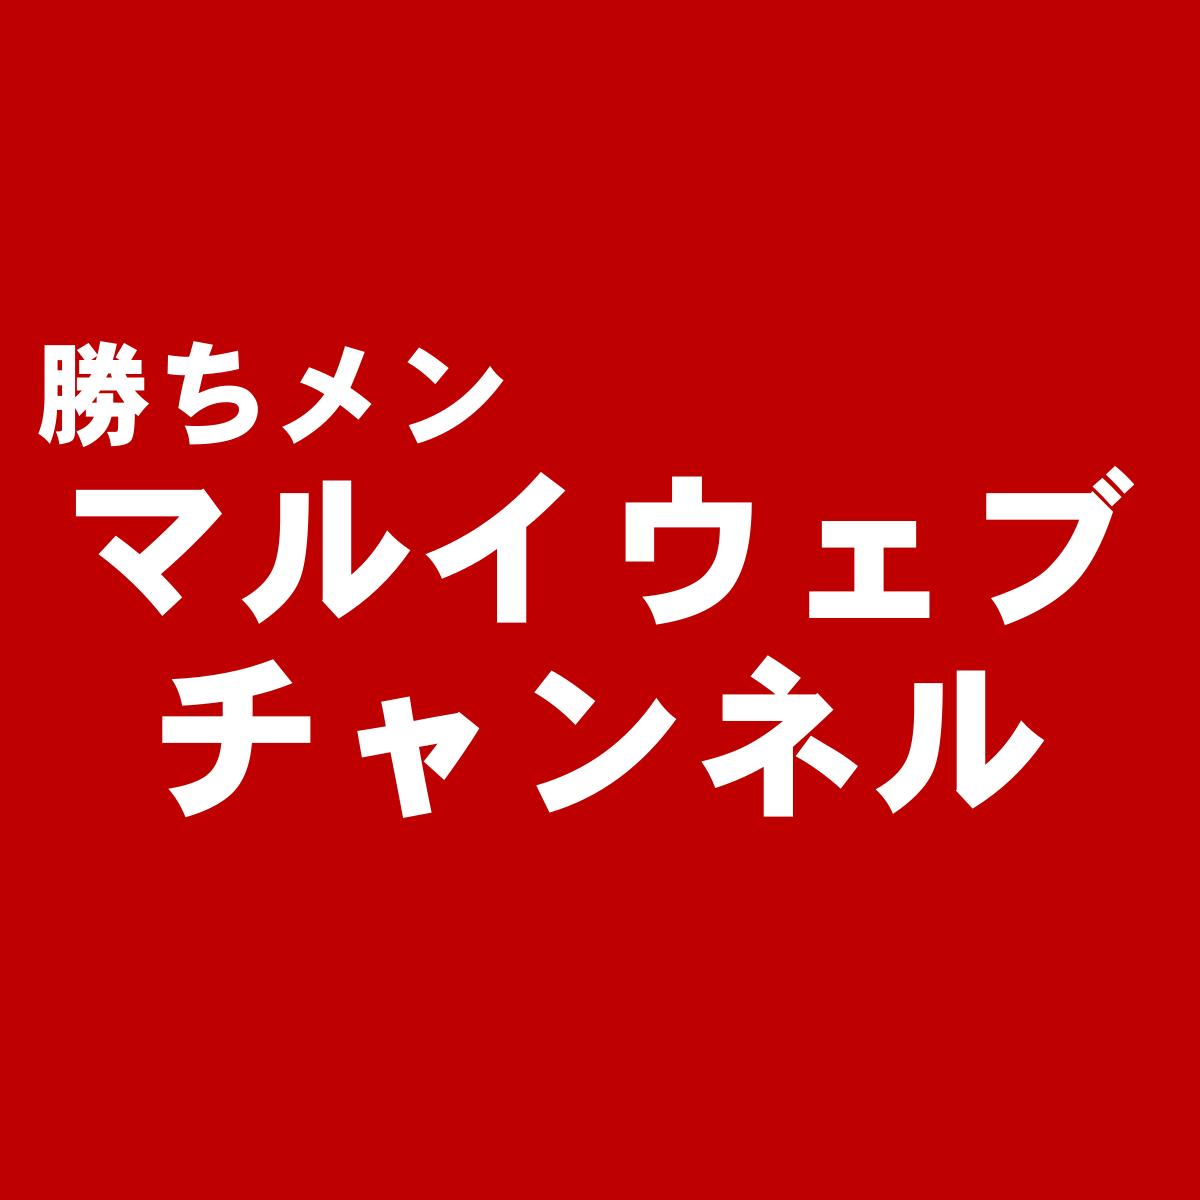 マルイウェブチャンネル